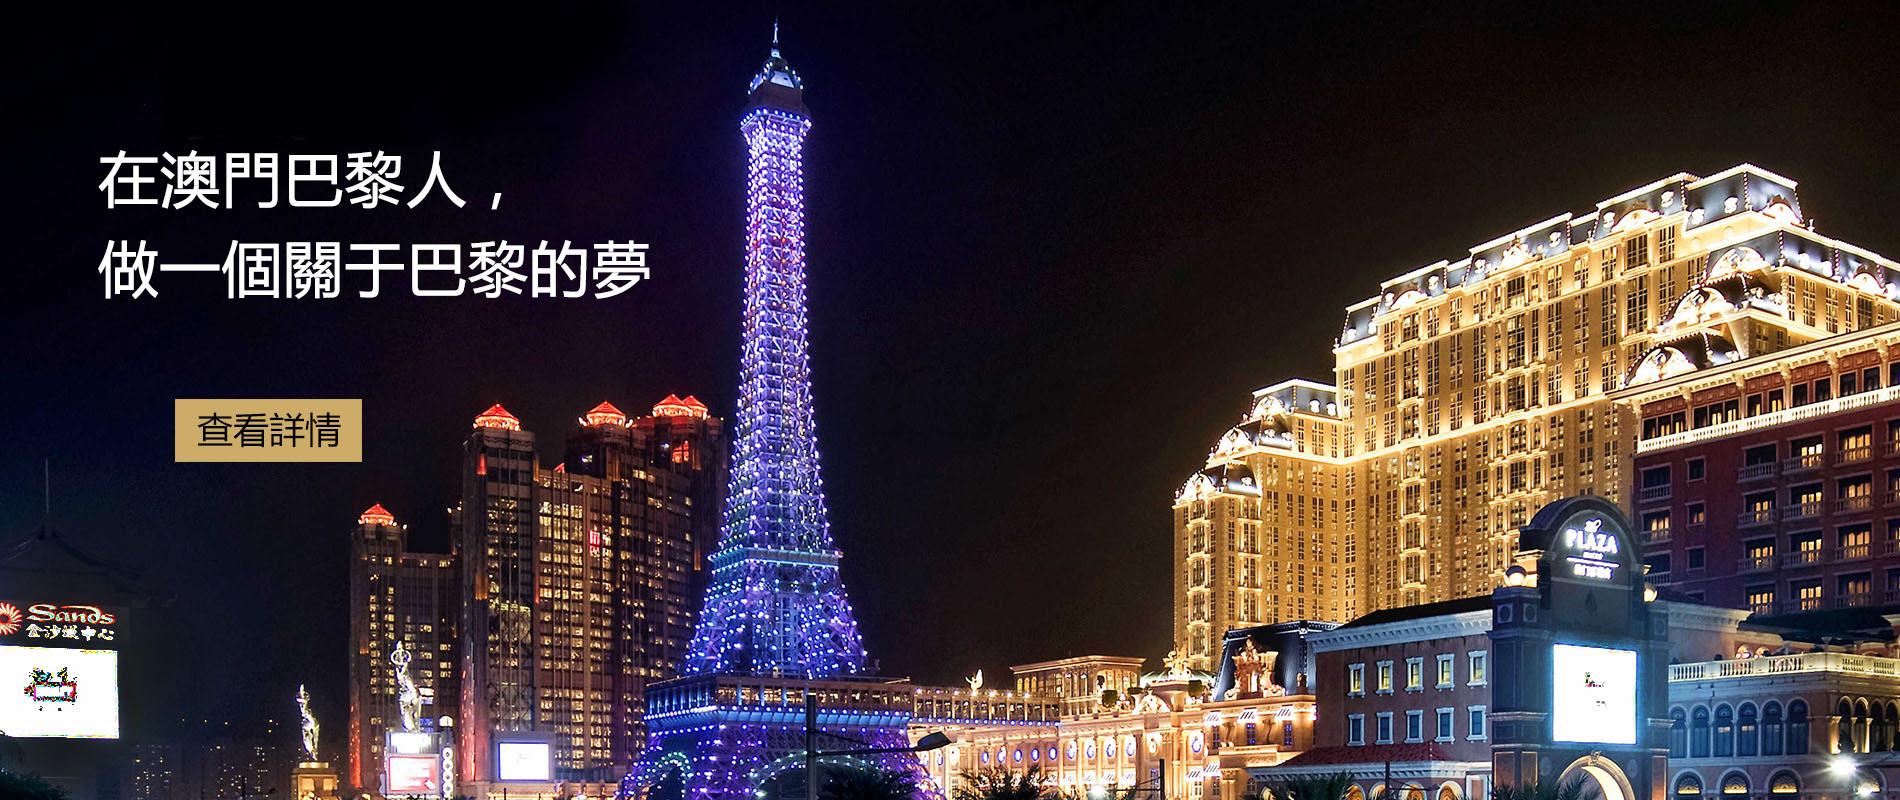 在澳門巴黎人,做一個關于巴黎的夢